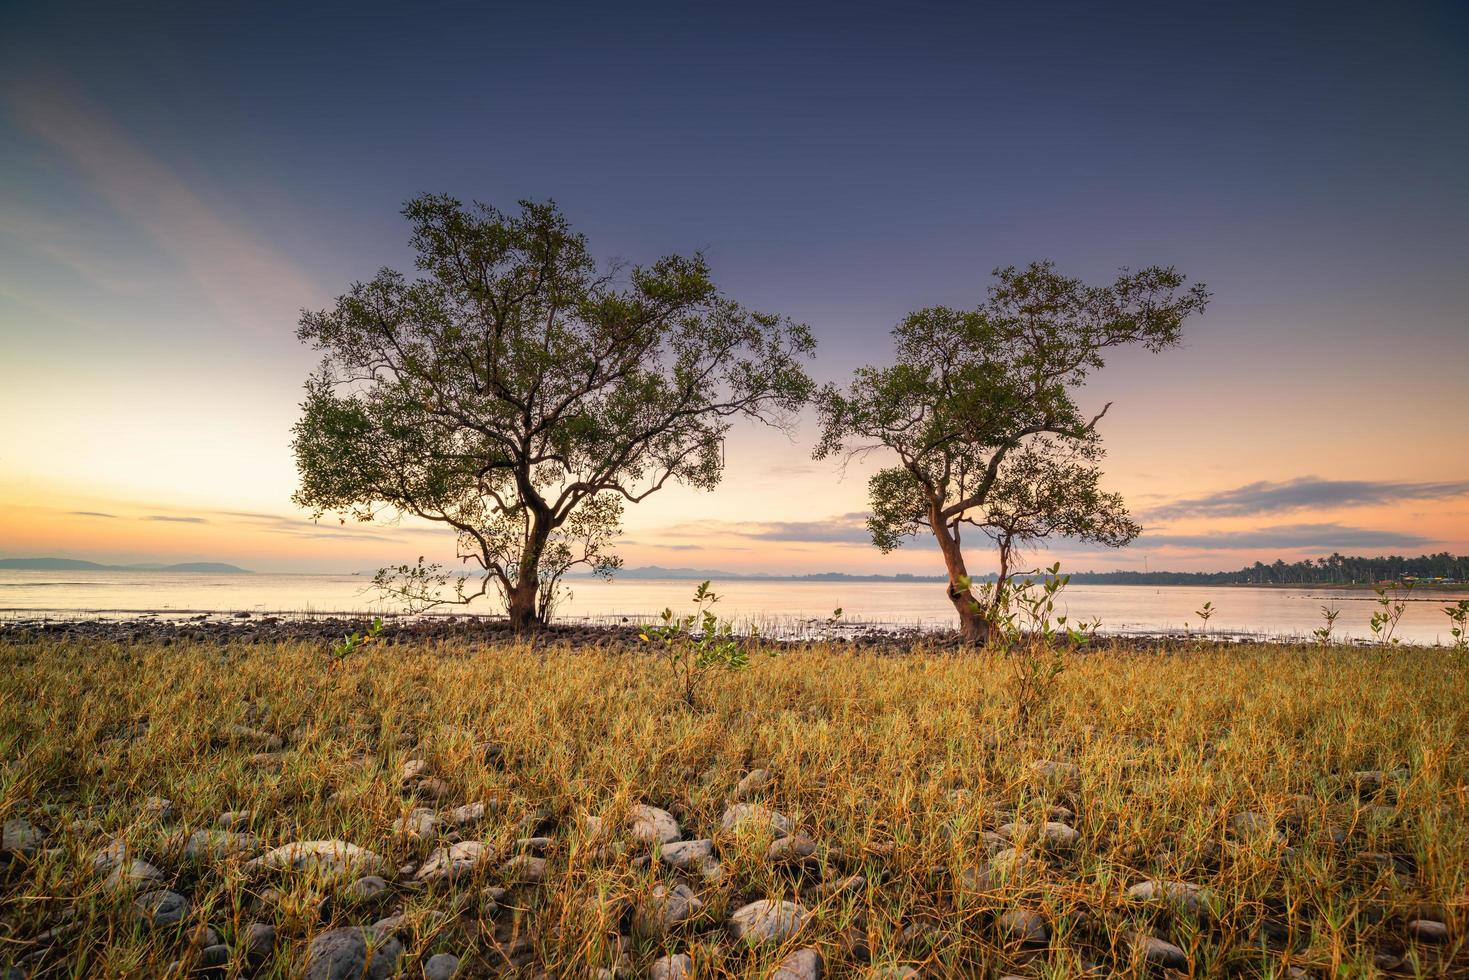 árboles por el agua al amanecer foto